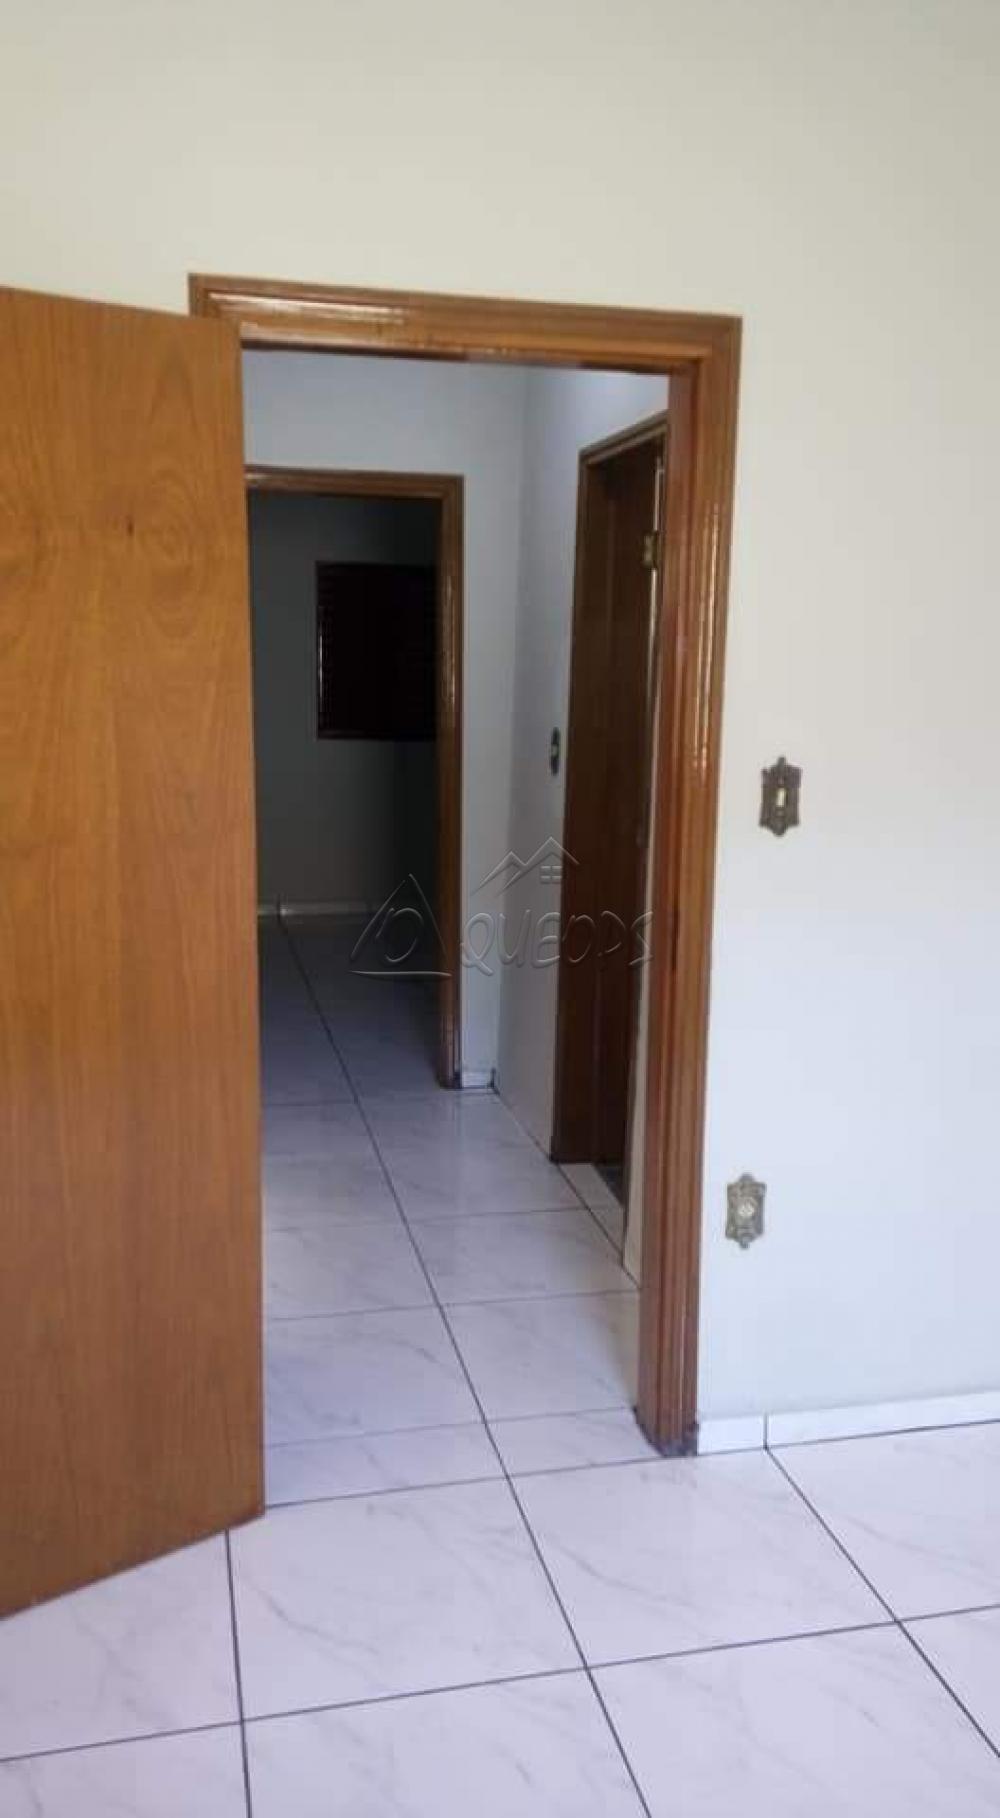 Comprar Casa / Padrão em Barretos apenas R$ 320.000,00 - Foto 7